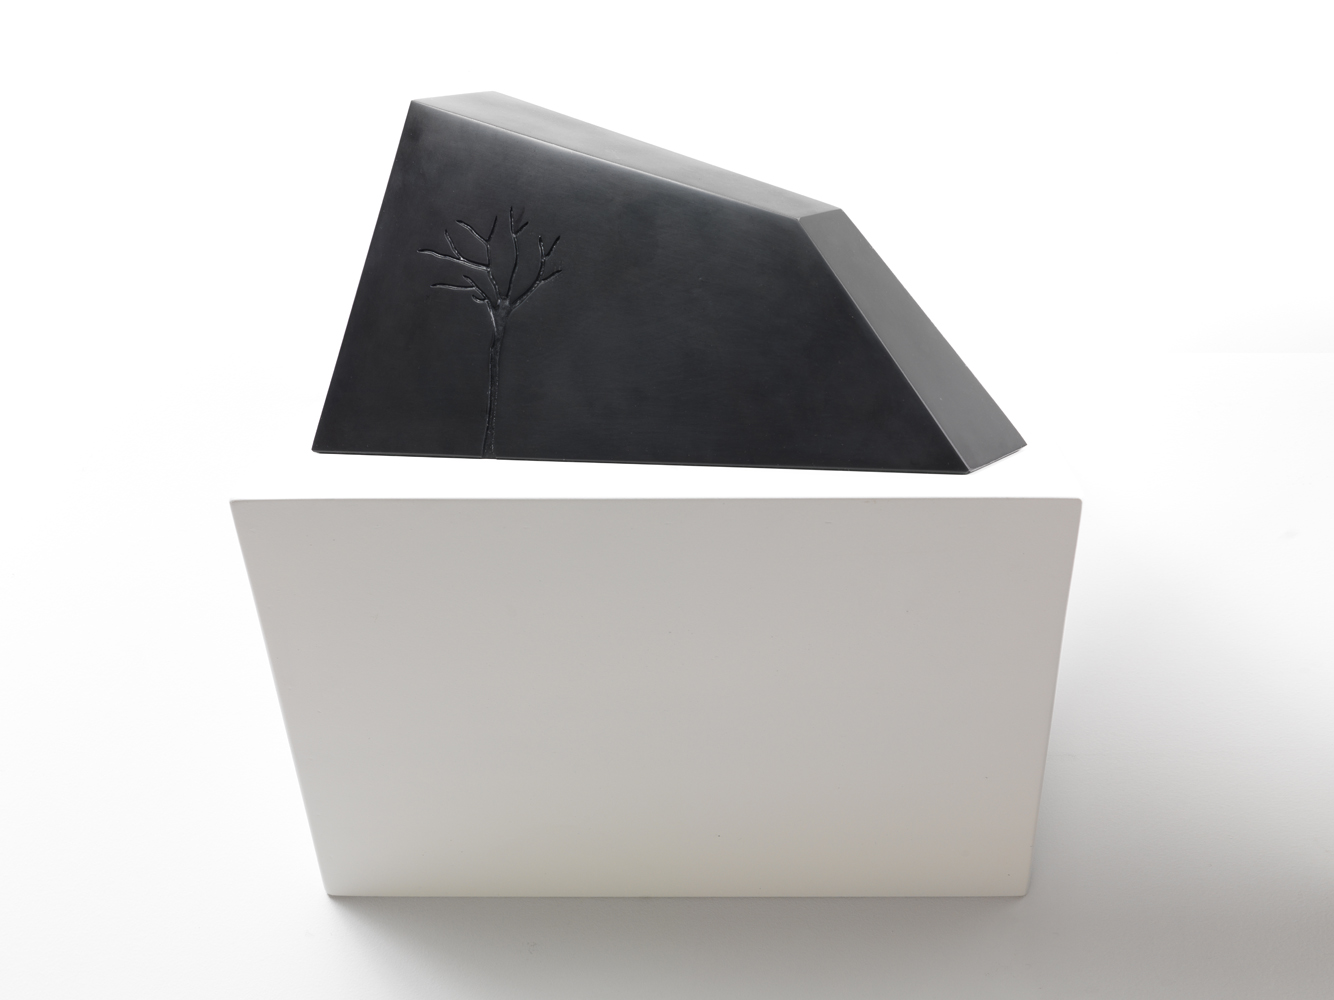 m- arbre3 ,2012 marmo nero di Belgio/black belgian marble